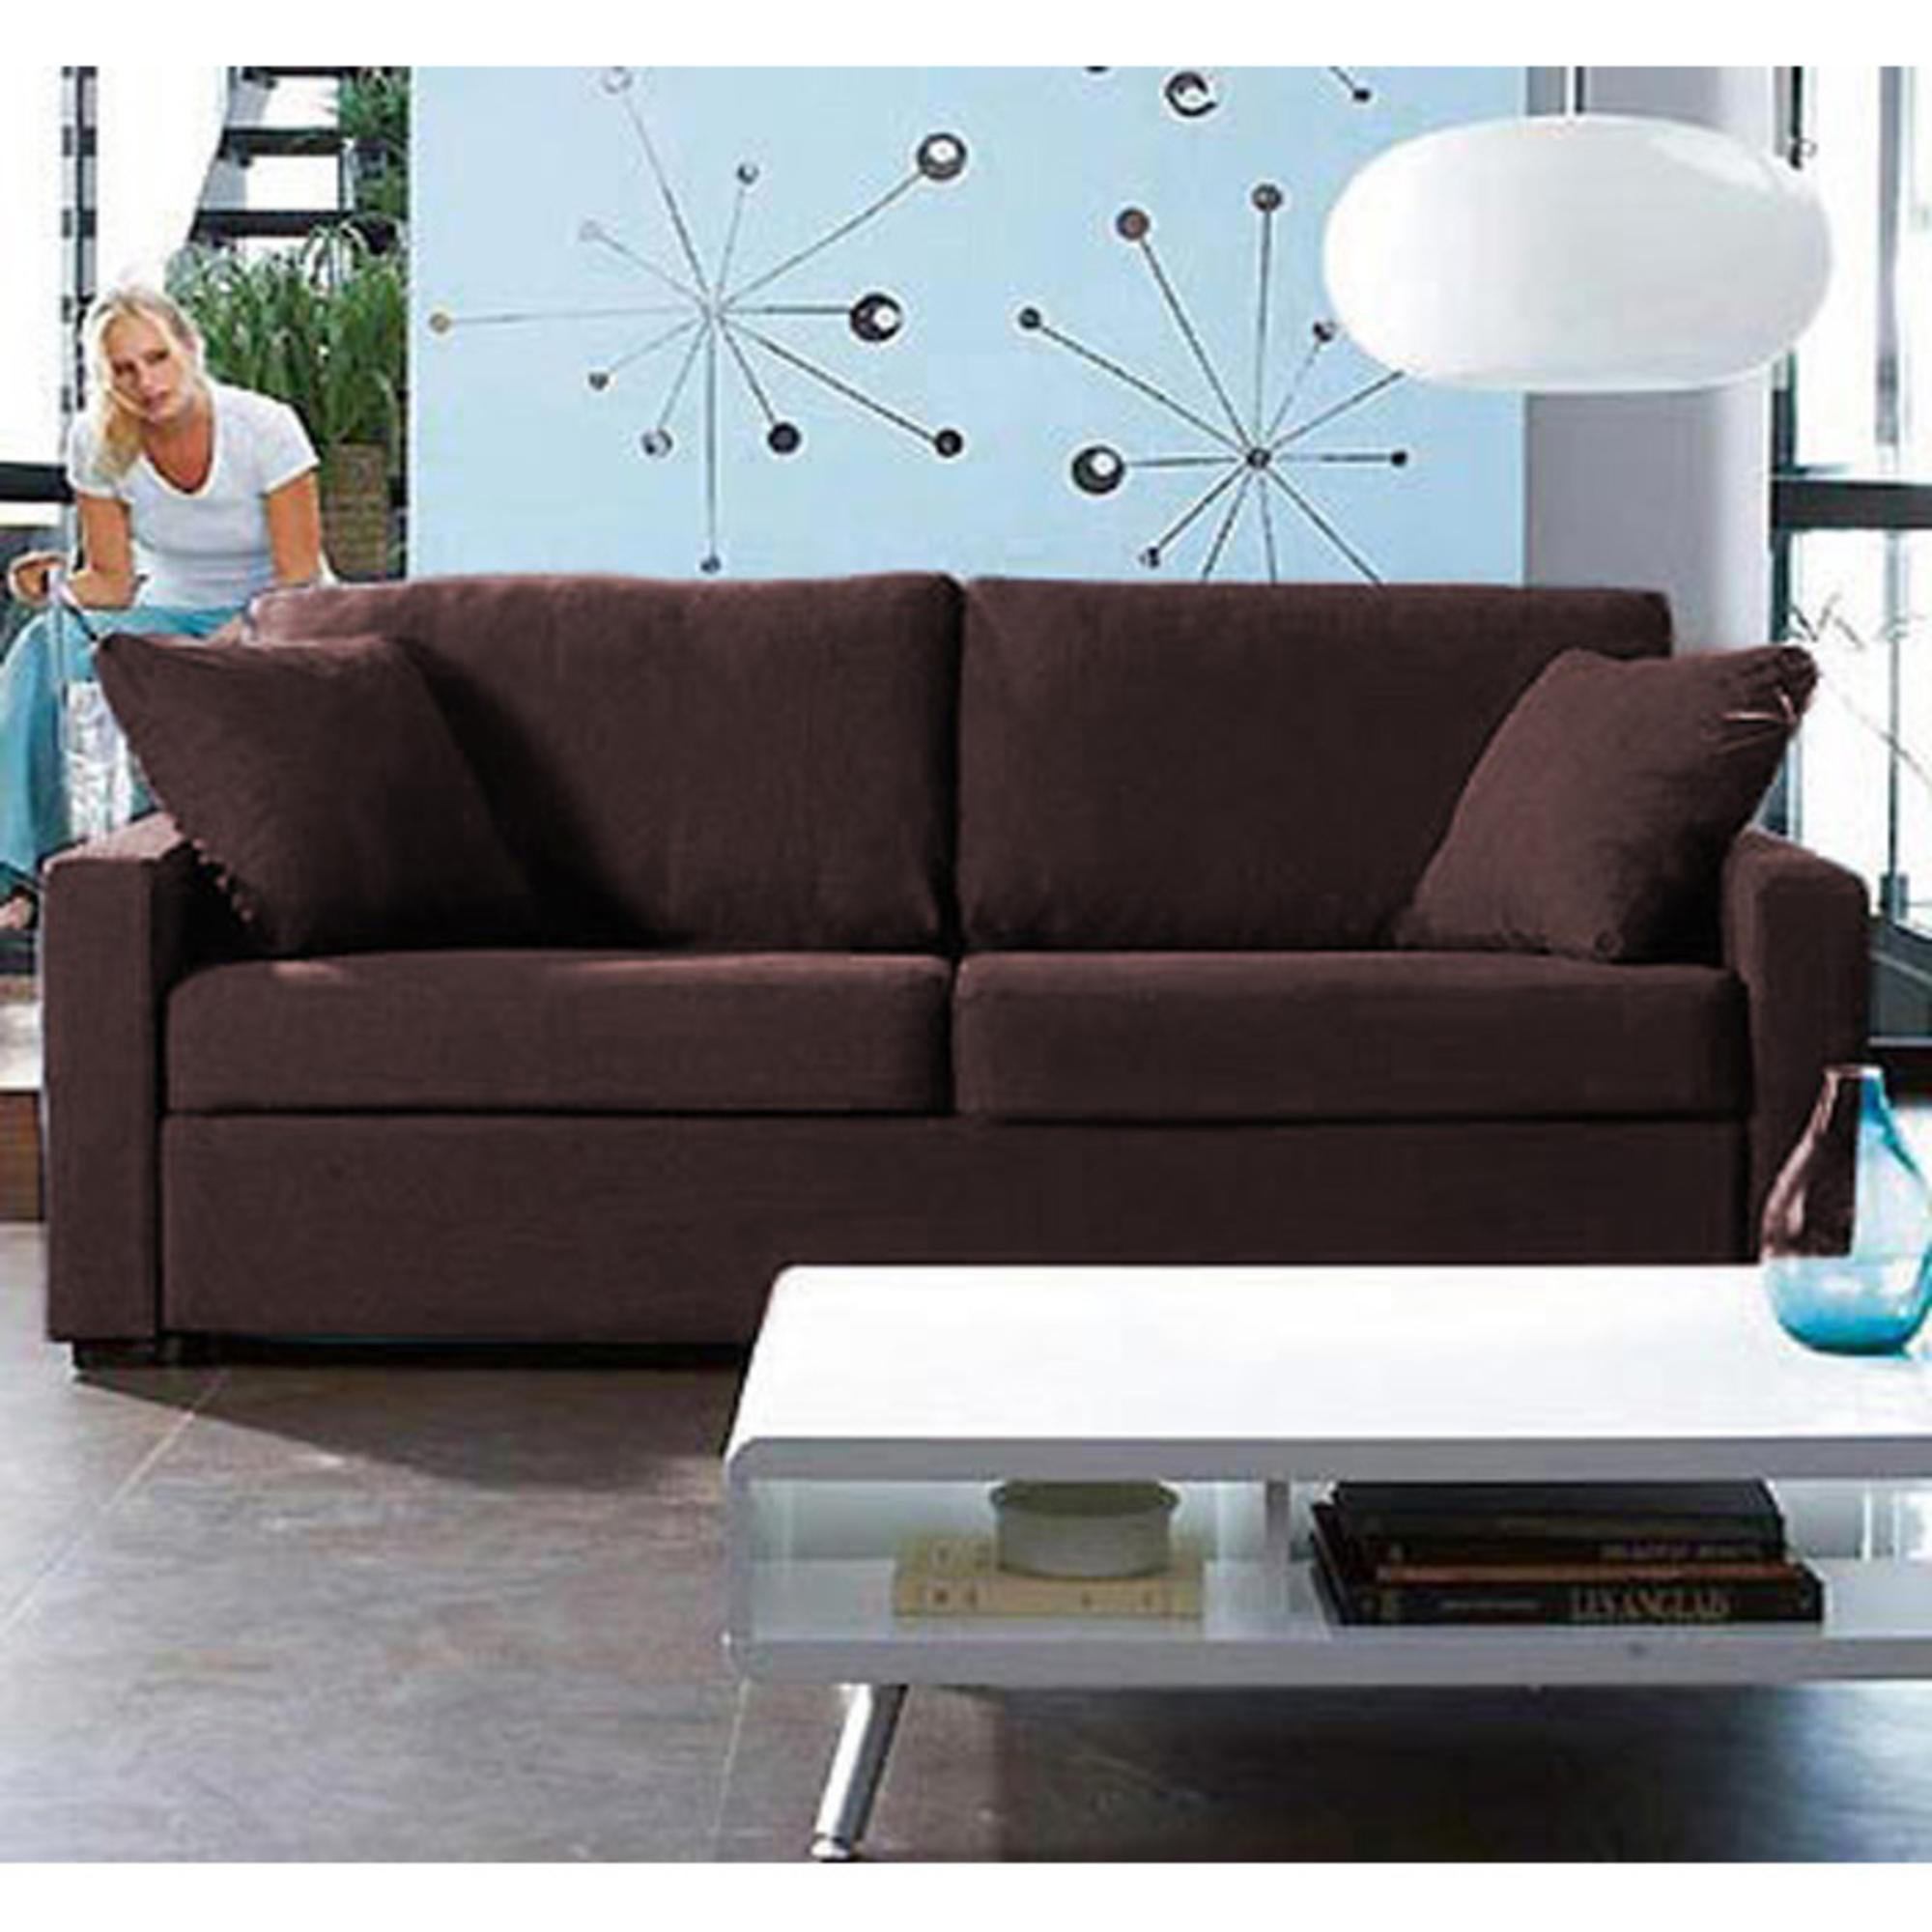 canap 3 places convertible bultex archy chocolat anniversaire 40 ans acheter ce produit. Black Bedroom Furniture Sets. Home Design Ideas